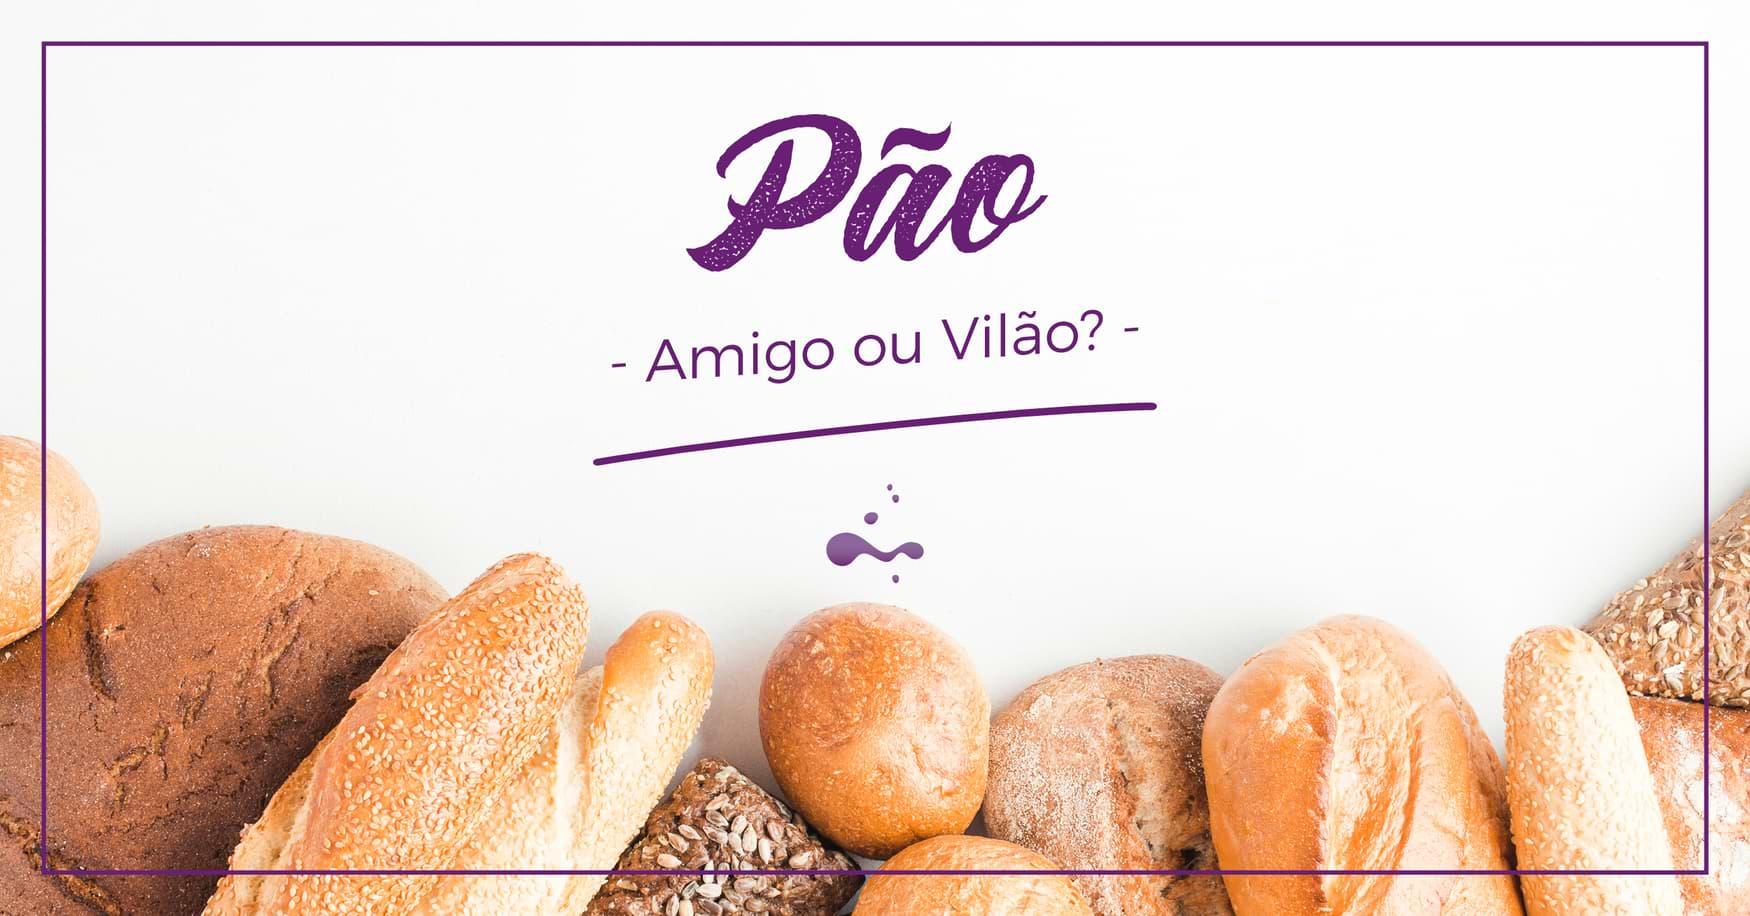 Pão: Amigo ou Vilão?